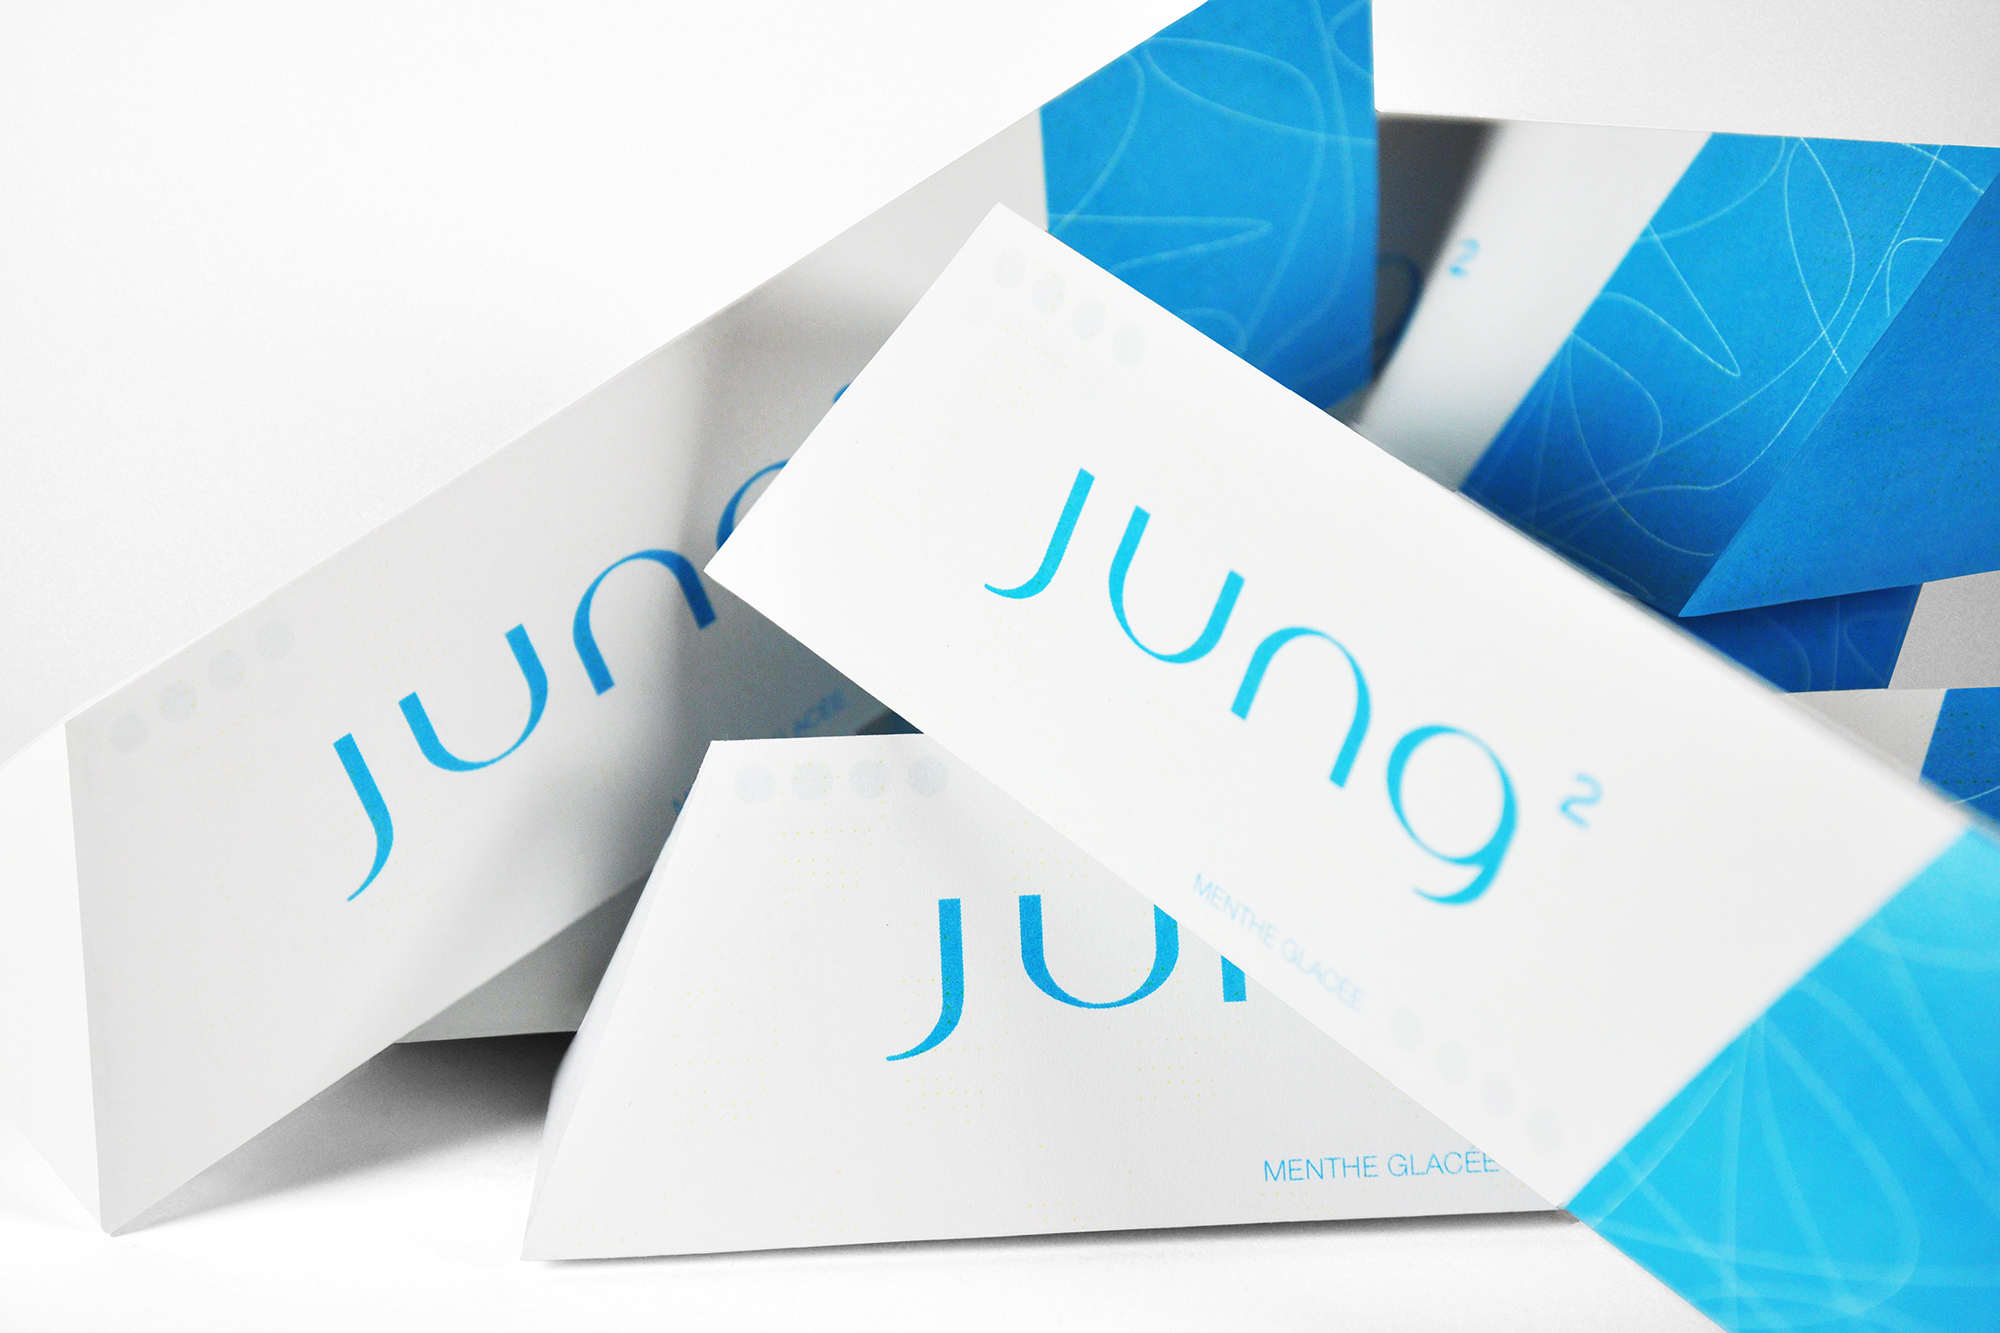 boîtes de suppléments vitaminiques «Jung»